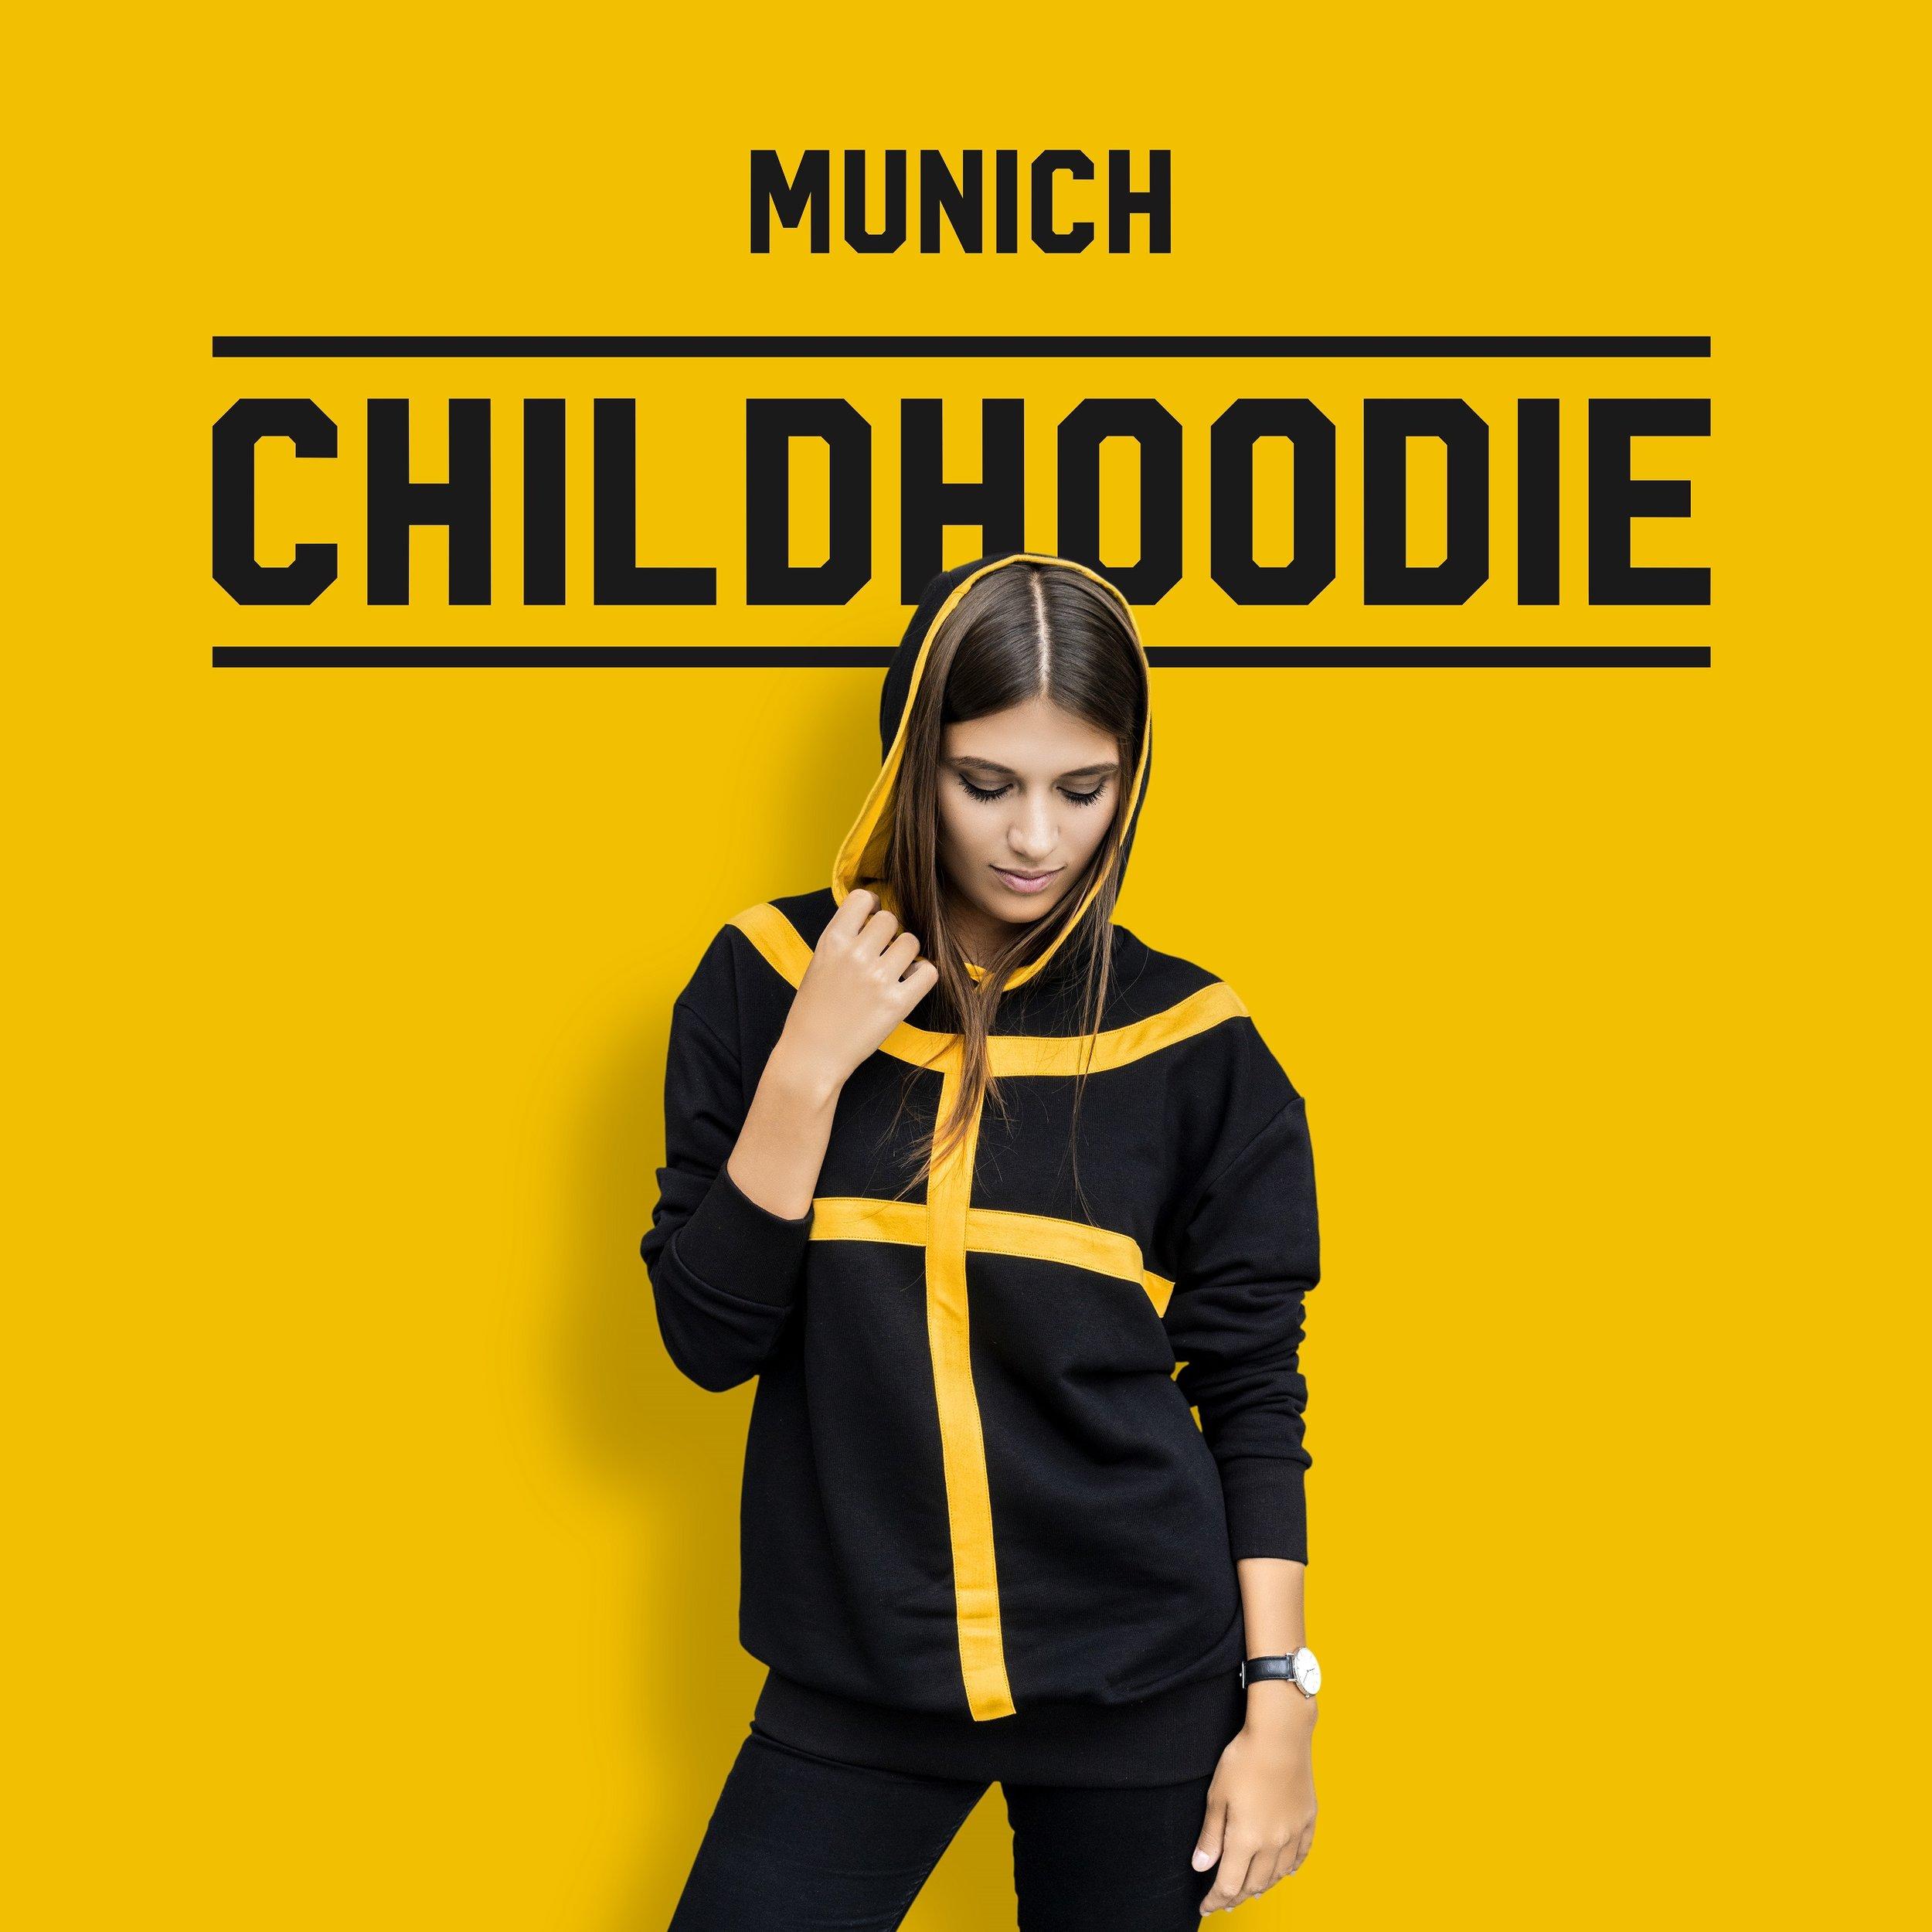 Der Munich Childhoodie unterstützt die Münchner Kinderhilfsorganisation Children for a better World.